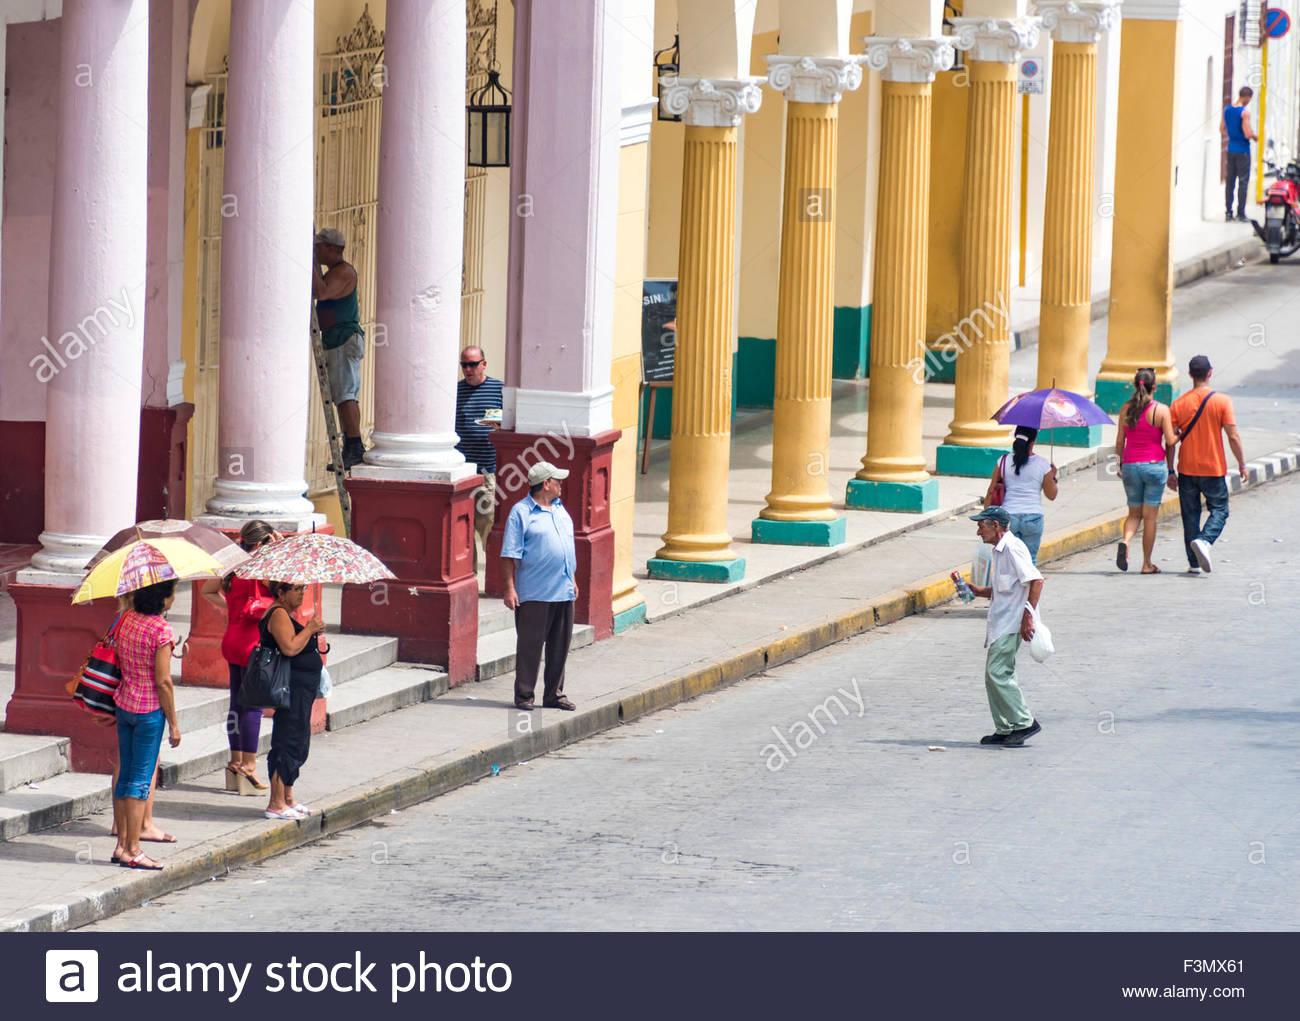 Spanischen kolonialen Architektur und Alltag leben in Kuba: Riesen Runde Säulen einer alten kolonialen Gebäude Stockbild